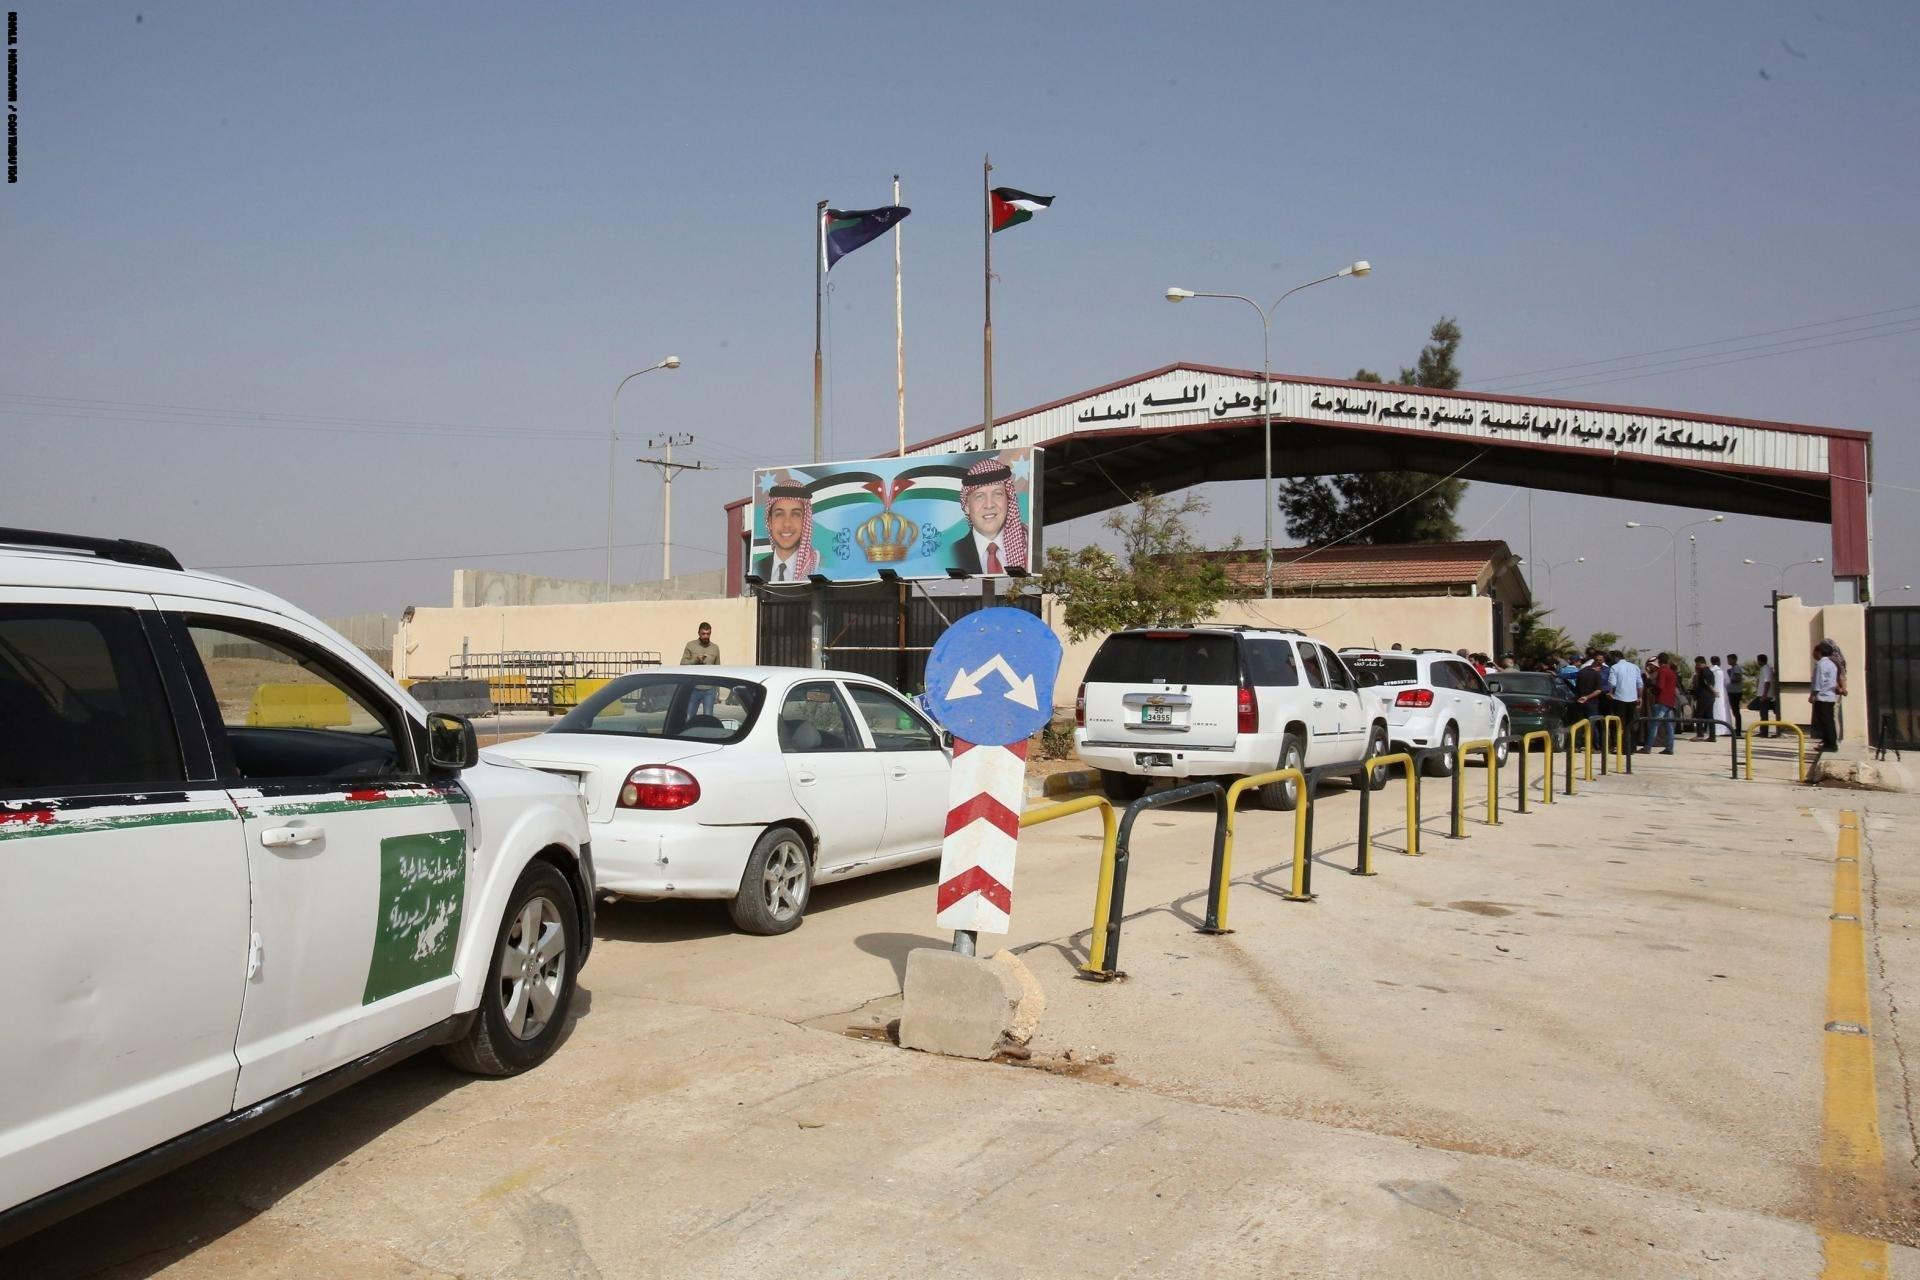 """بسبب """"كورونا"""".. سوريا تعلق الزيارات مع العراق والأردن لمدة شهر كإجراء احترازي"""